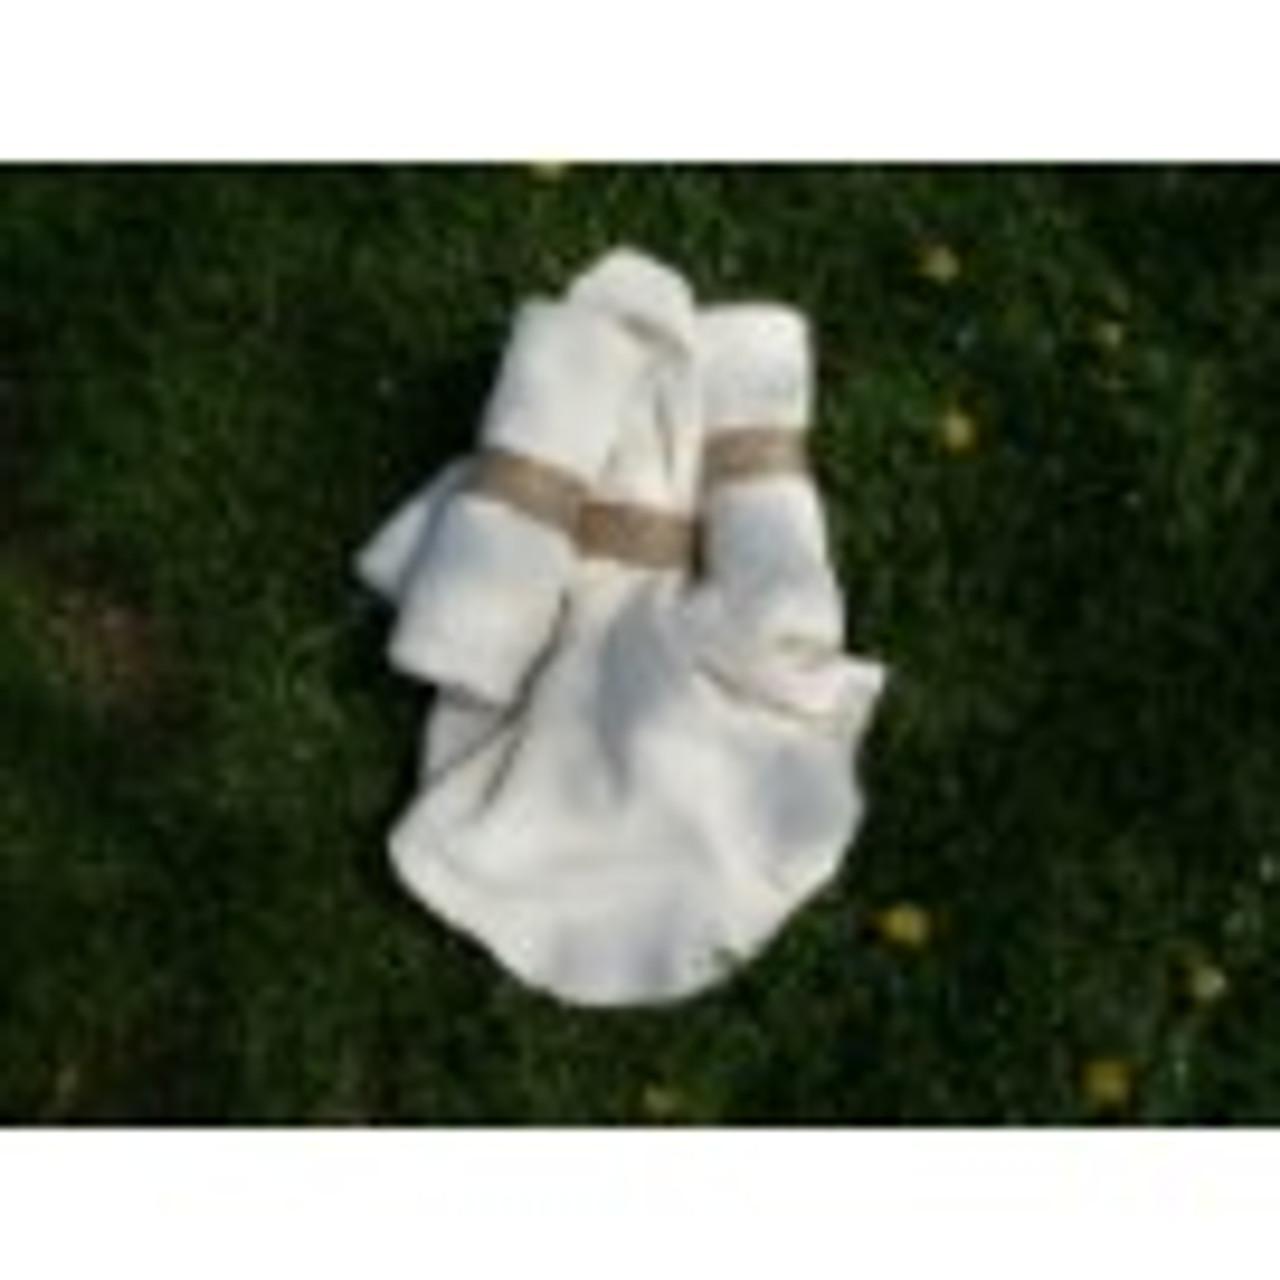 SOS - Organic Cotton Baby Bib